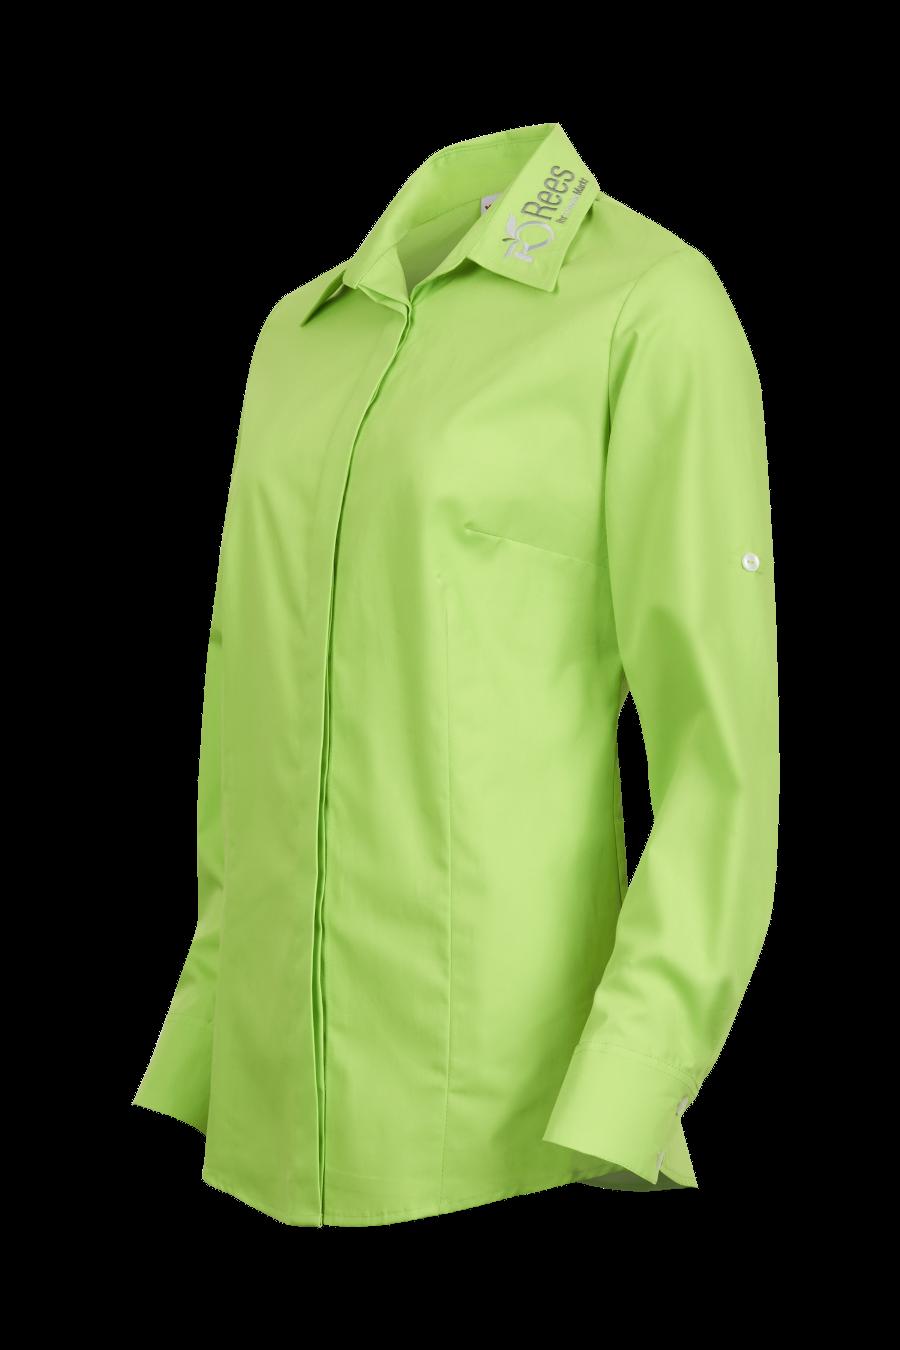 Grüne Bluse mit Kragenbestickung